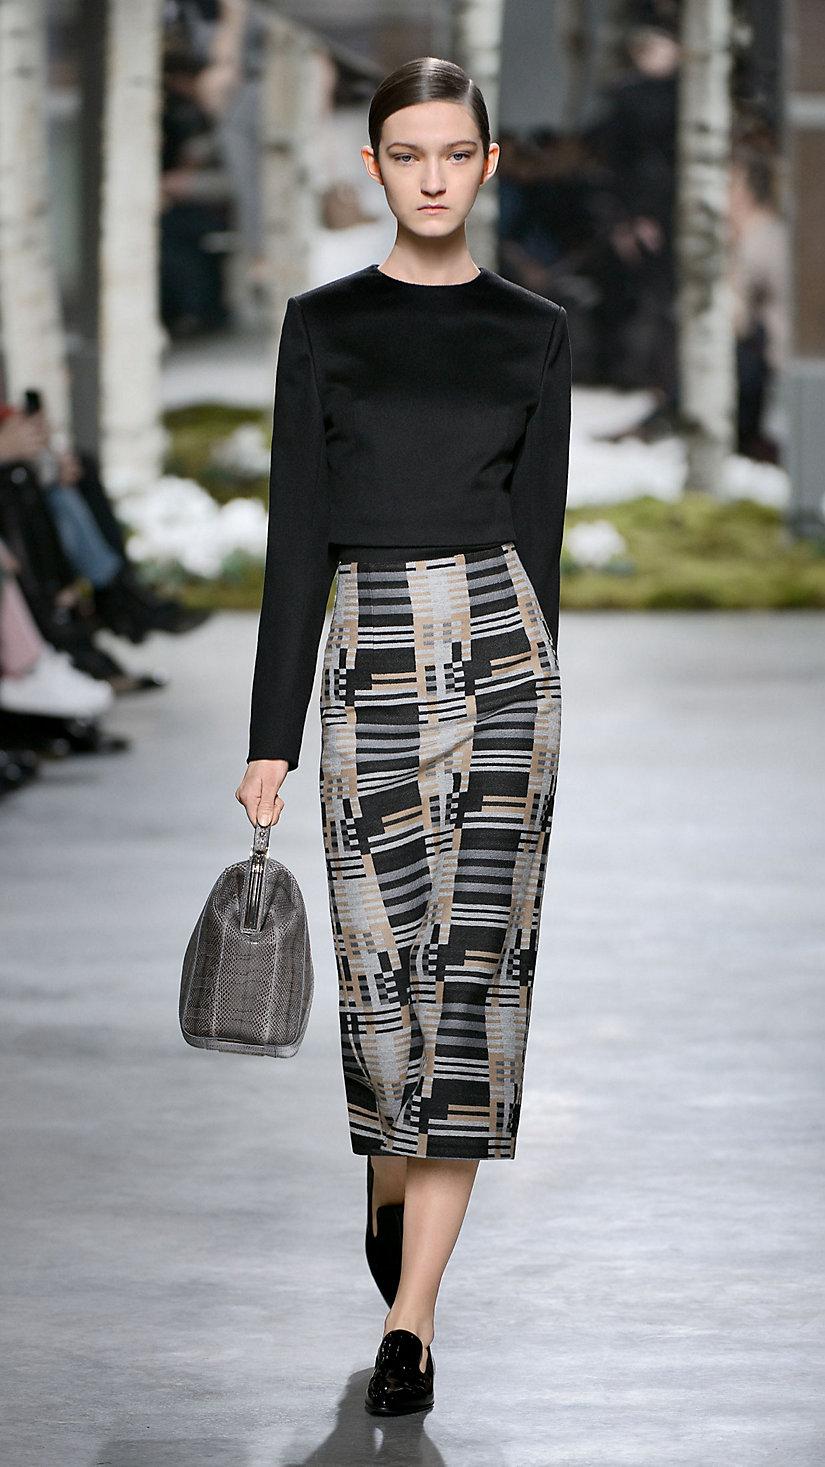 2014 纽约时装周秋冬 T 台秀上一款受包豪斯运动启发的时装